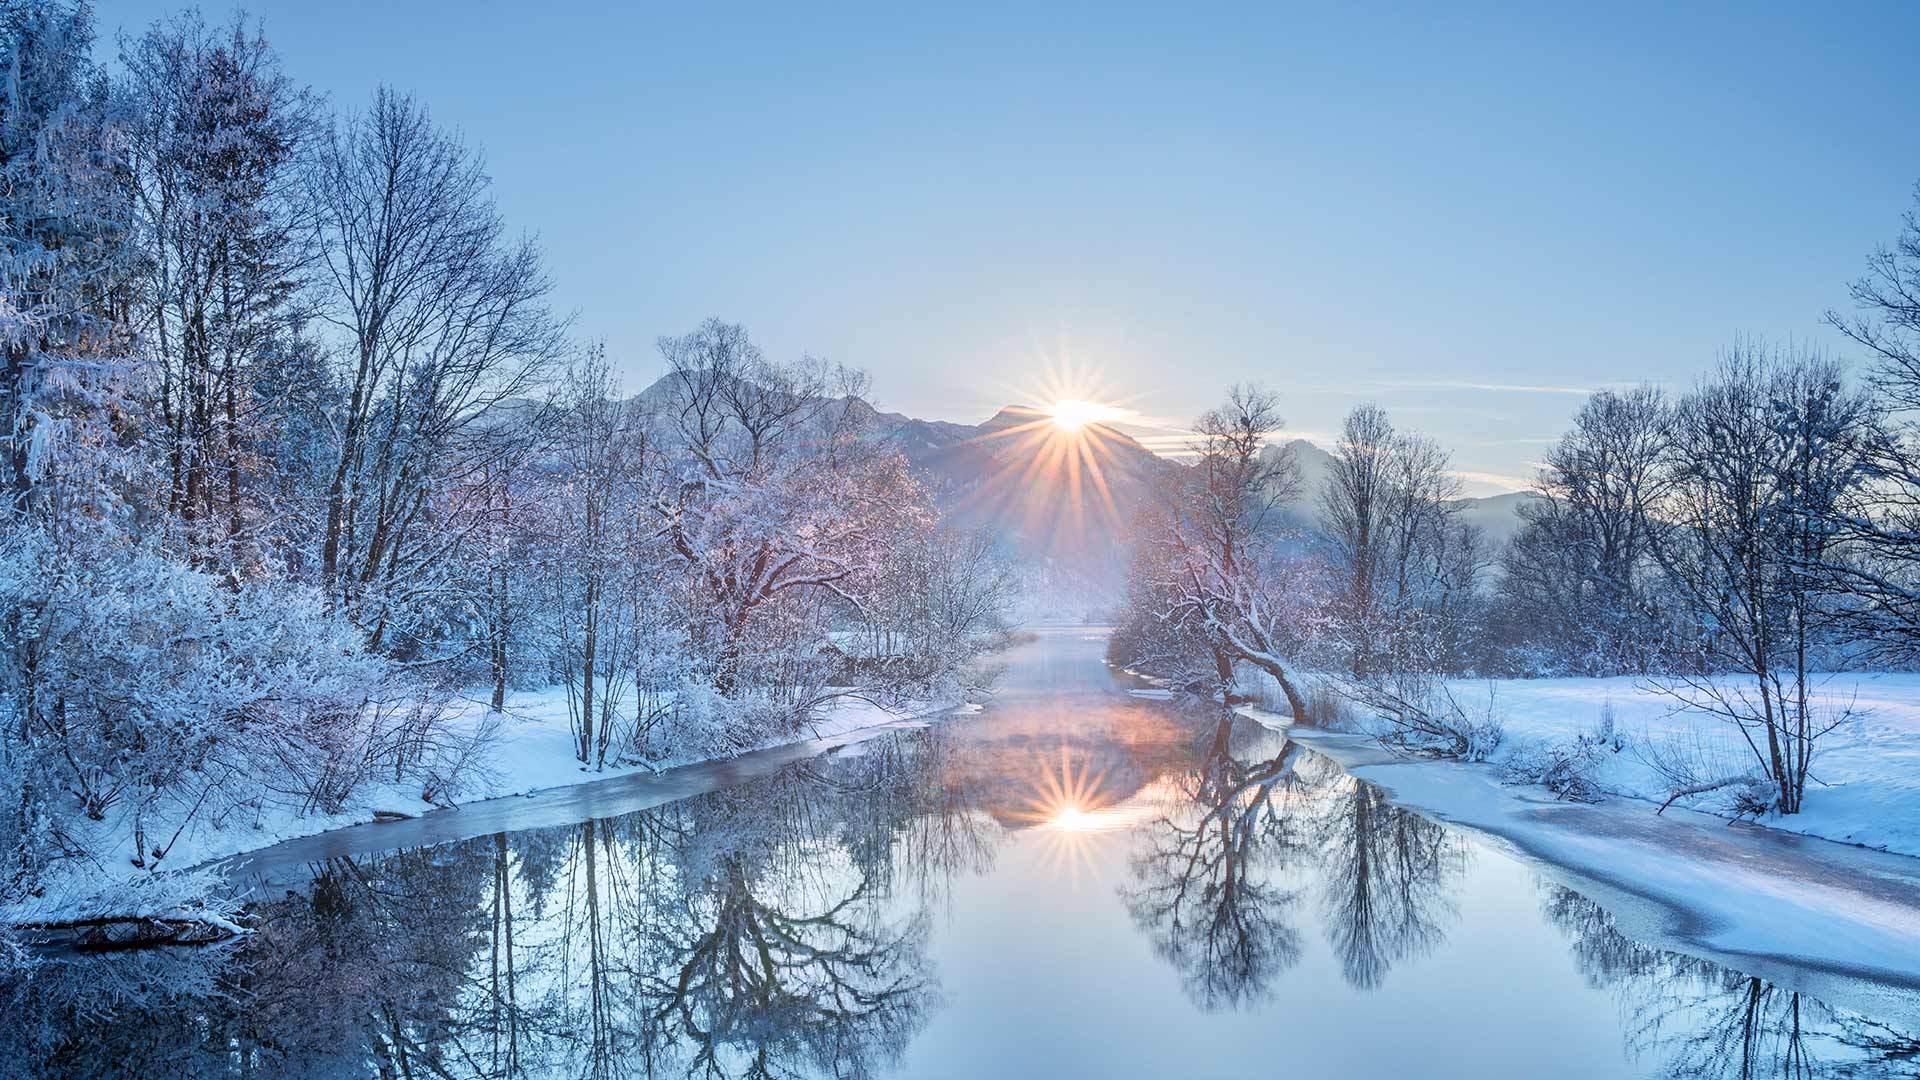 山与河的绝美搭配